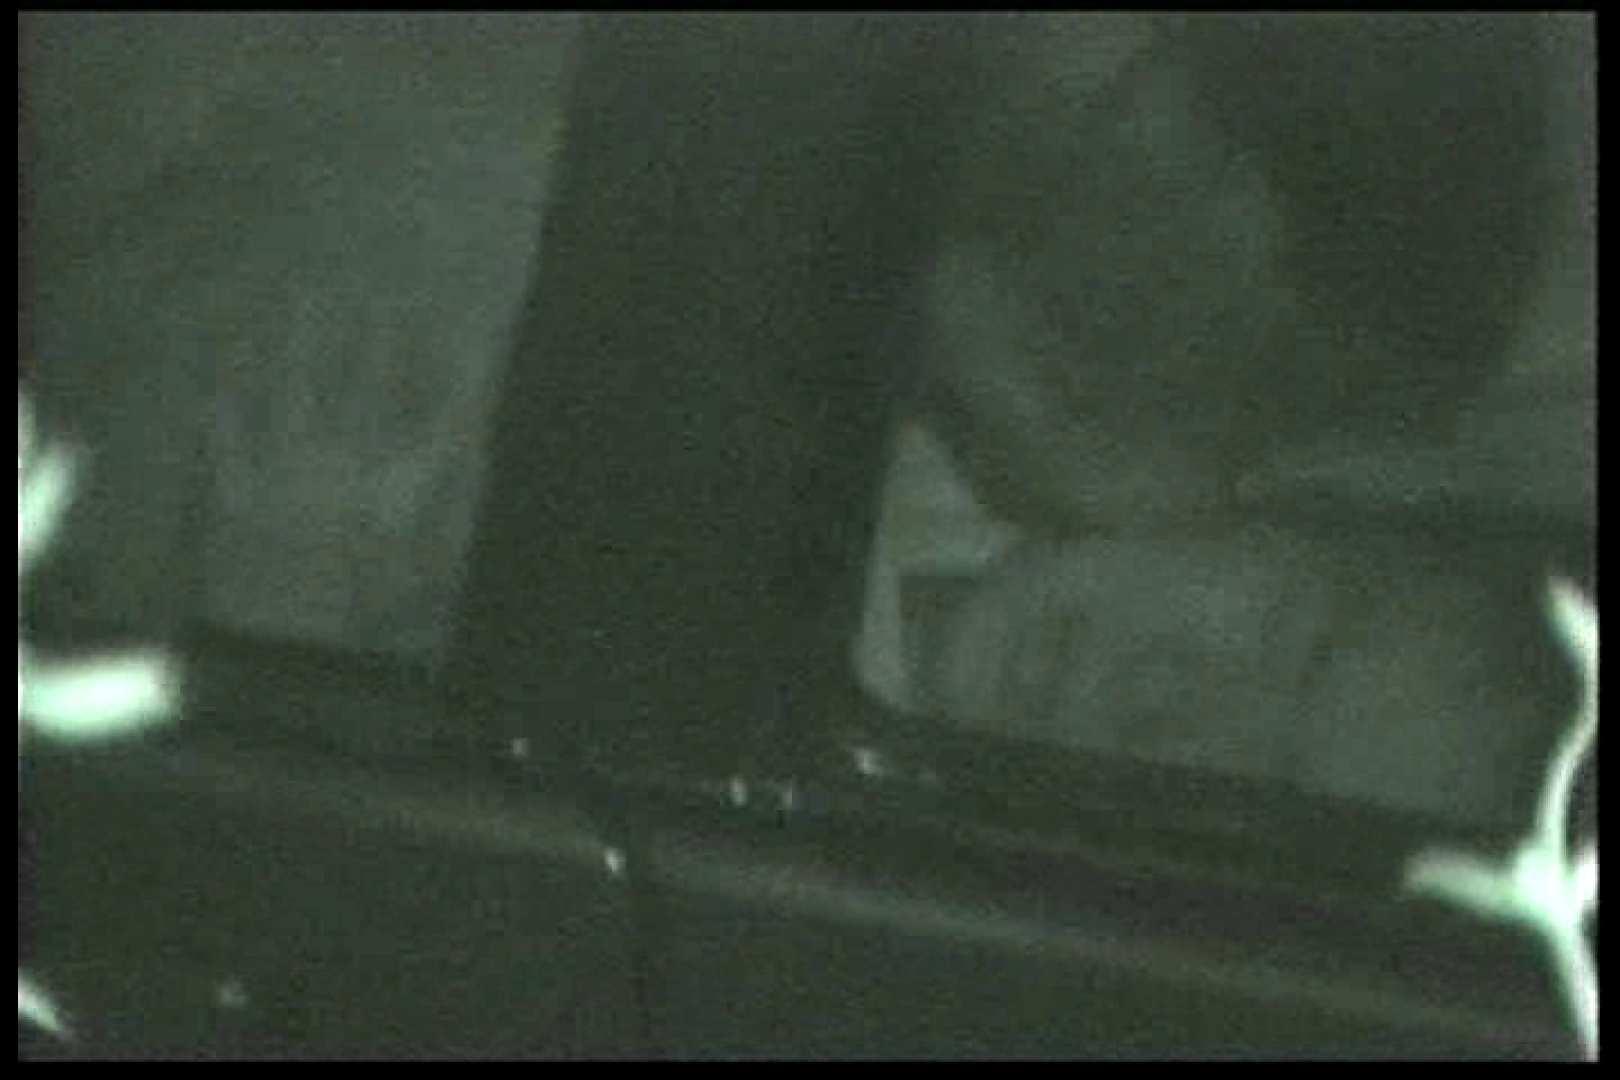 車の中はラブホテル 無修正版  Vol.15 美しいOLの裸体 ヌード画像 77pic 65